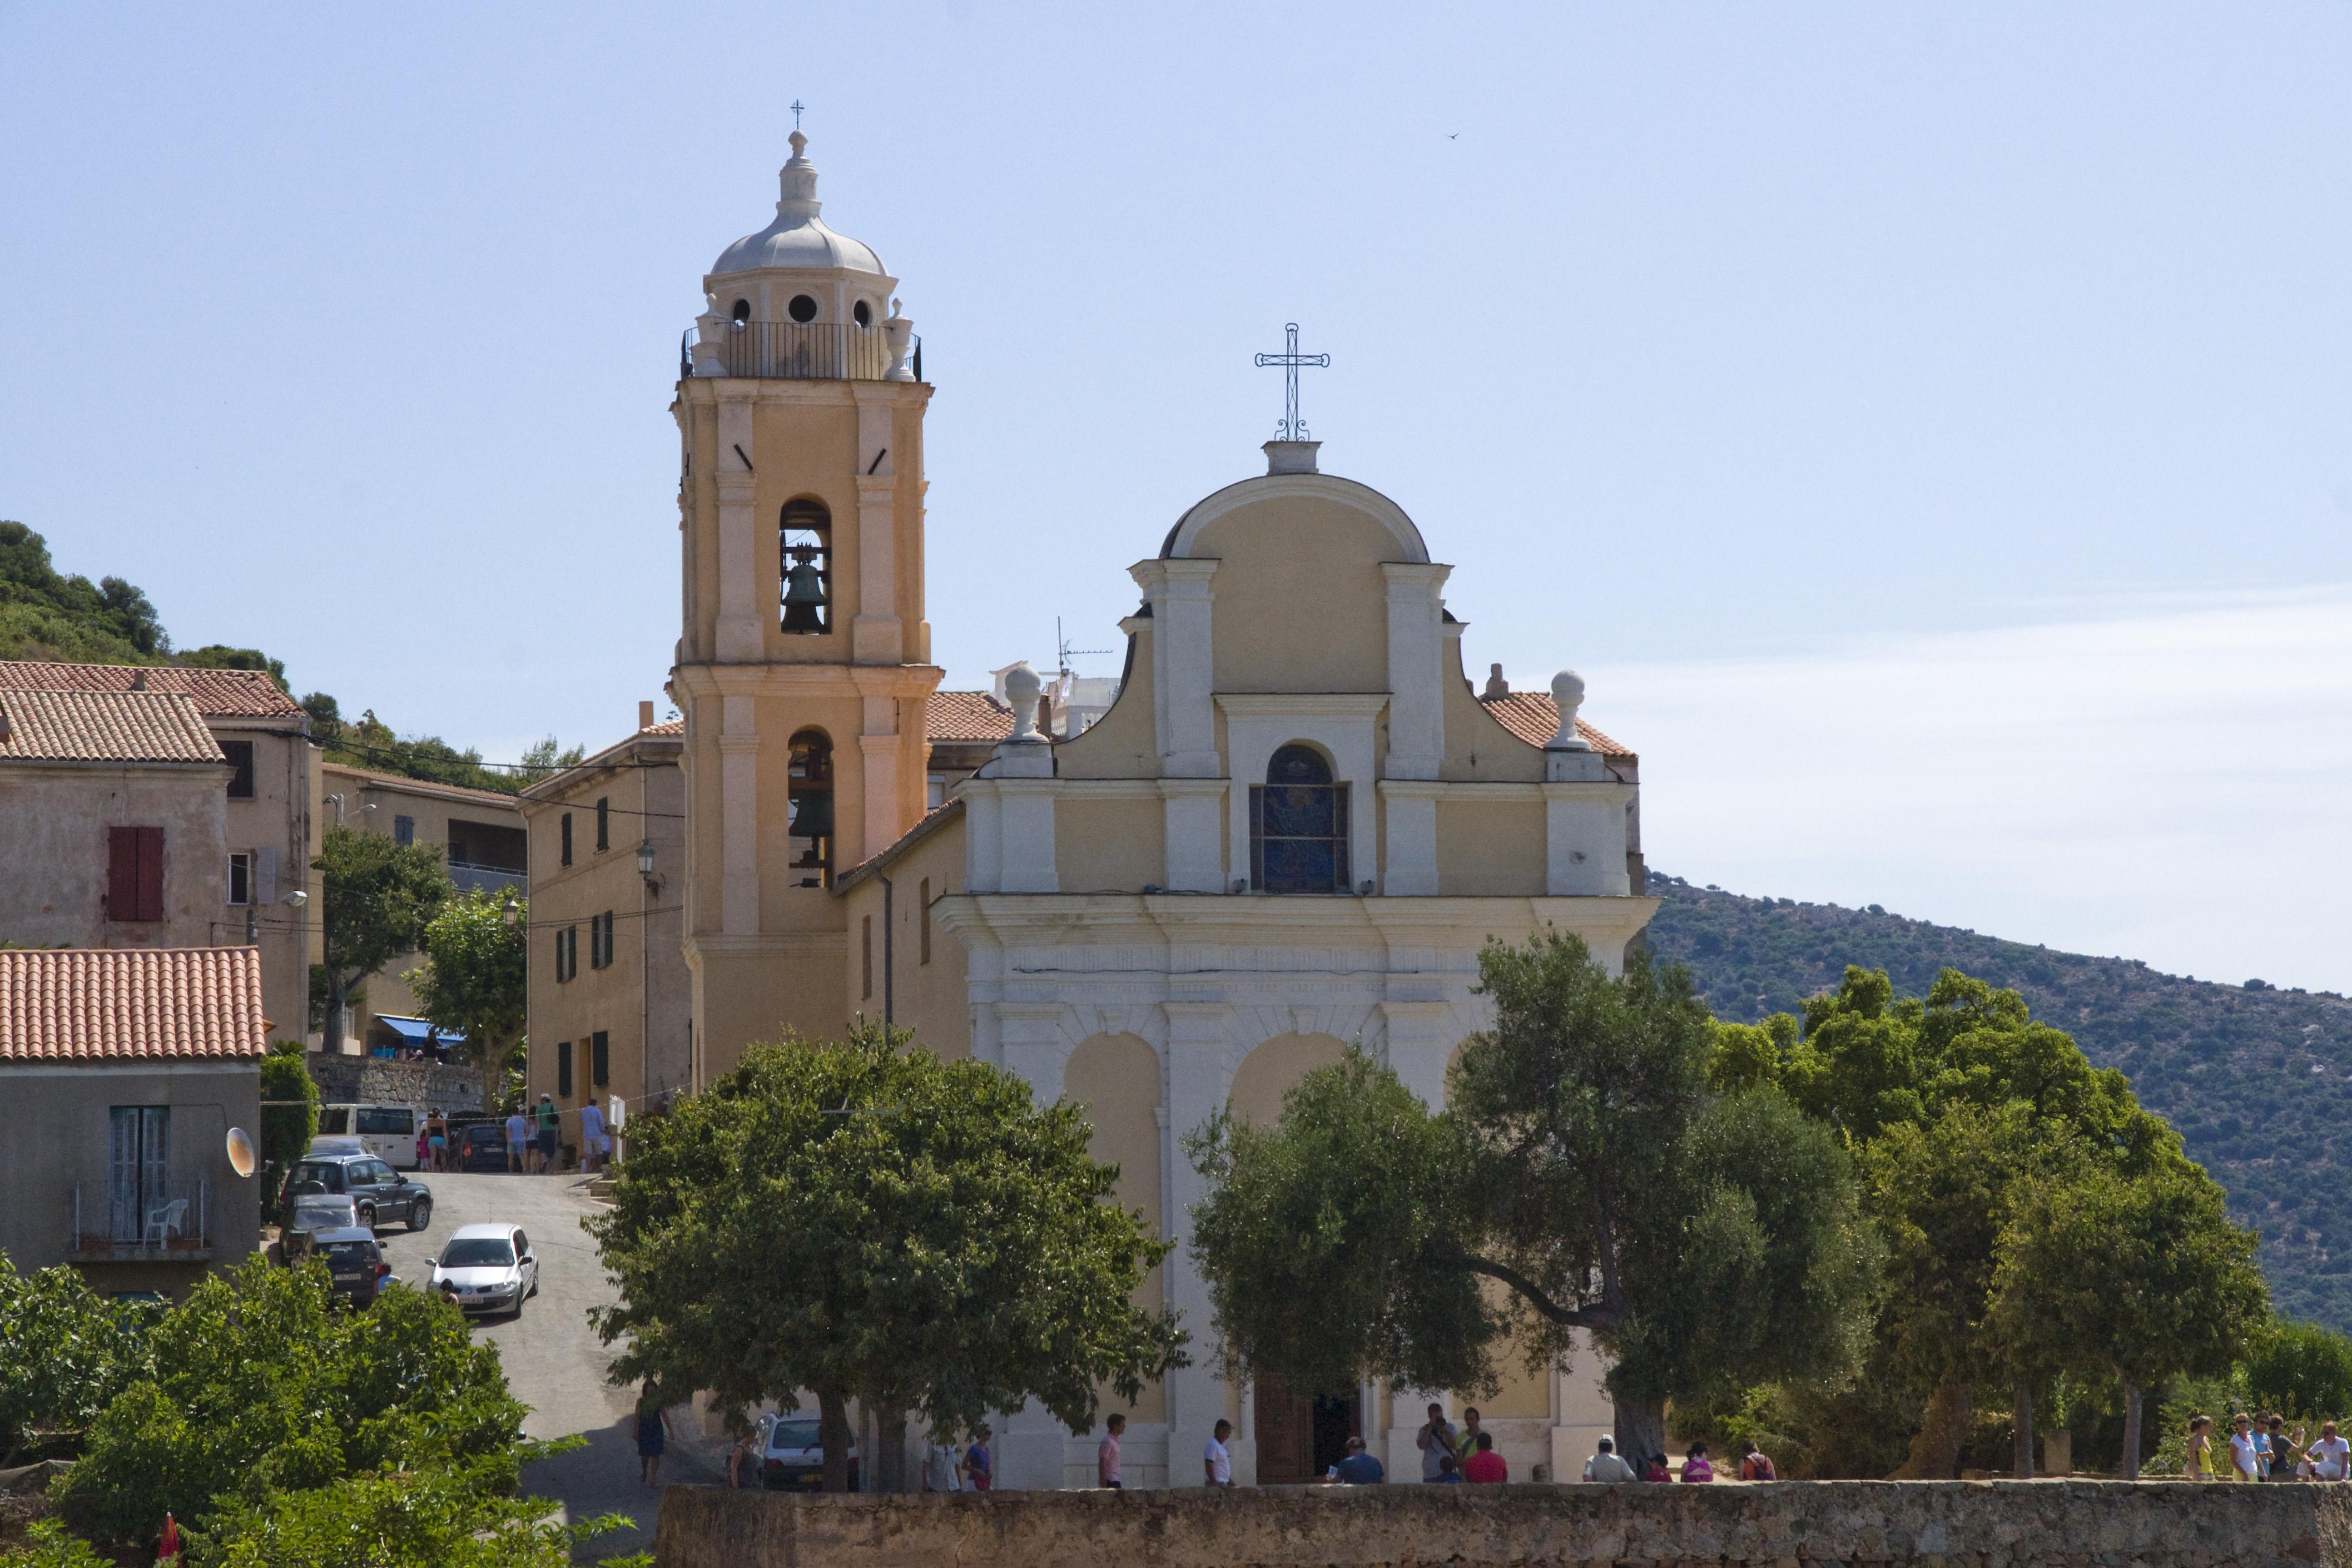 Prix de l'immobilier à la location à Cargèse (Corse du Sud) Estimation